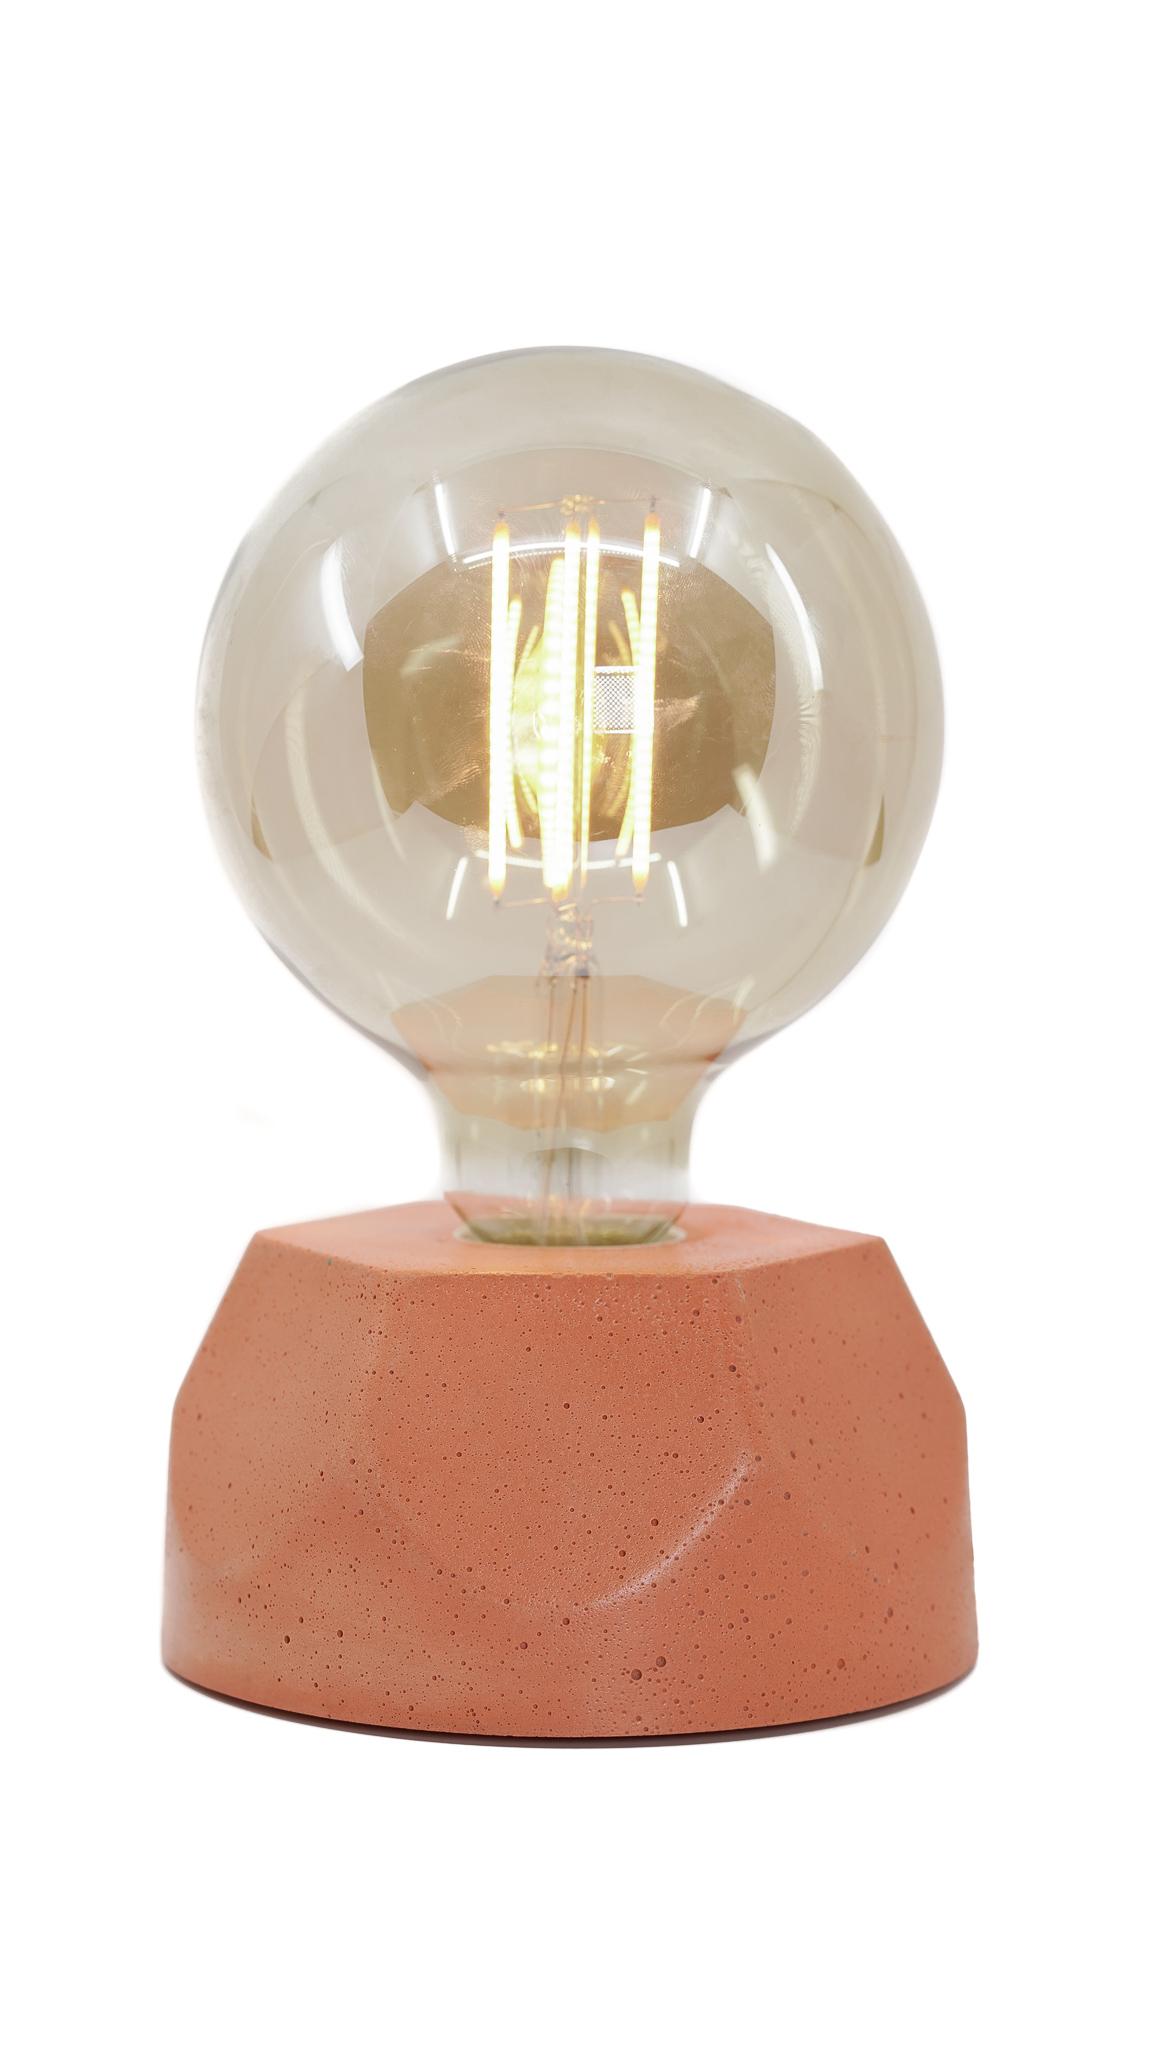 Lampe hexagone en béton orange fabrication artisanale